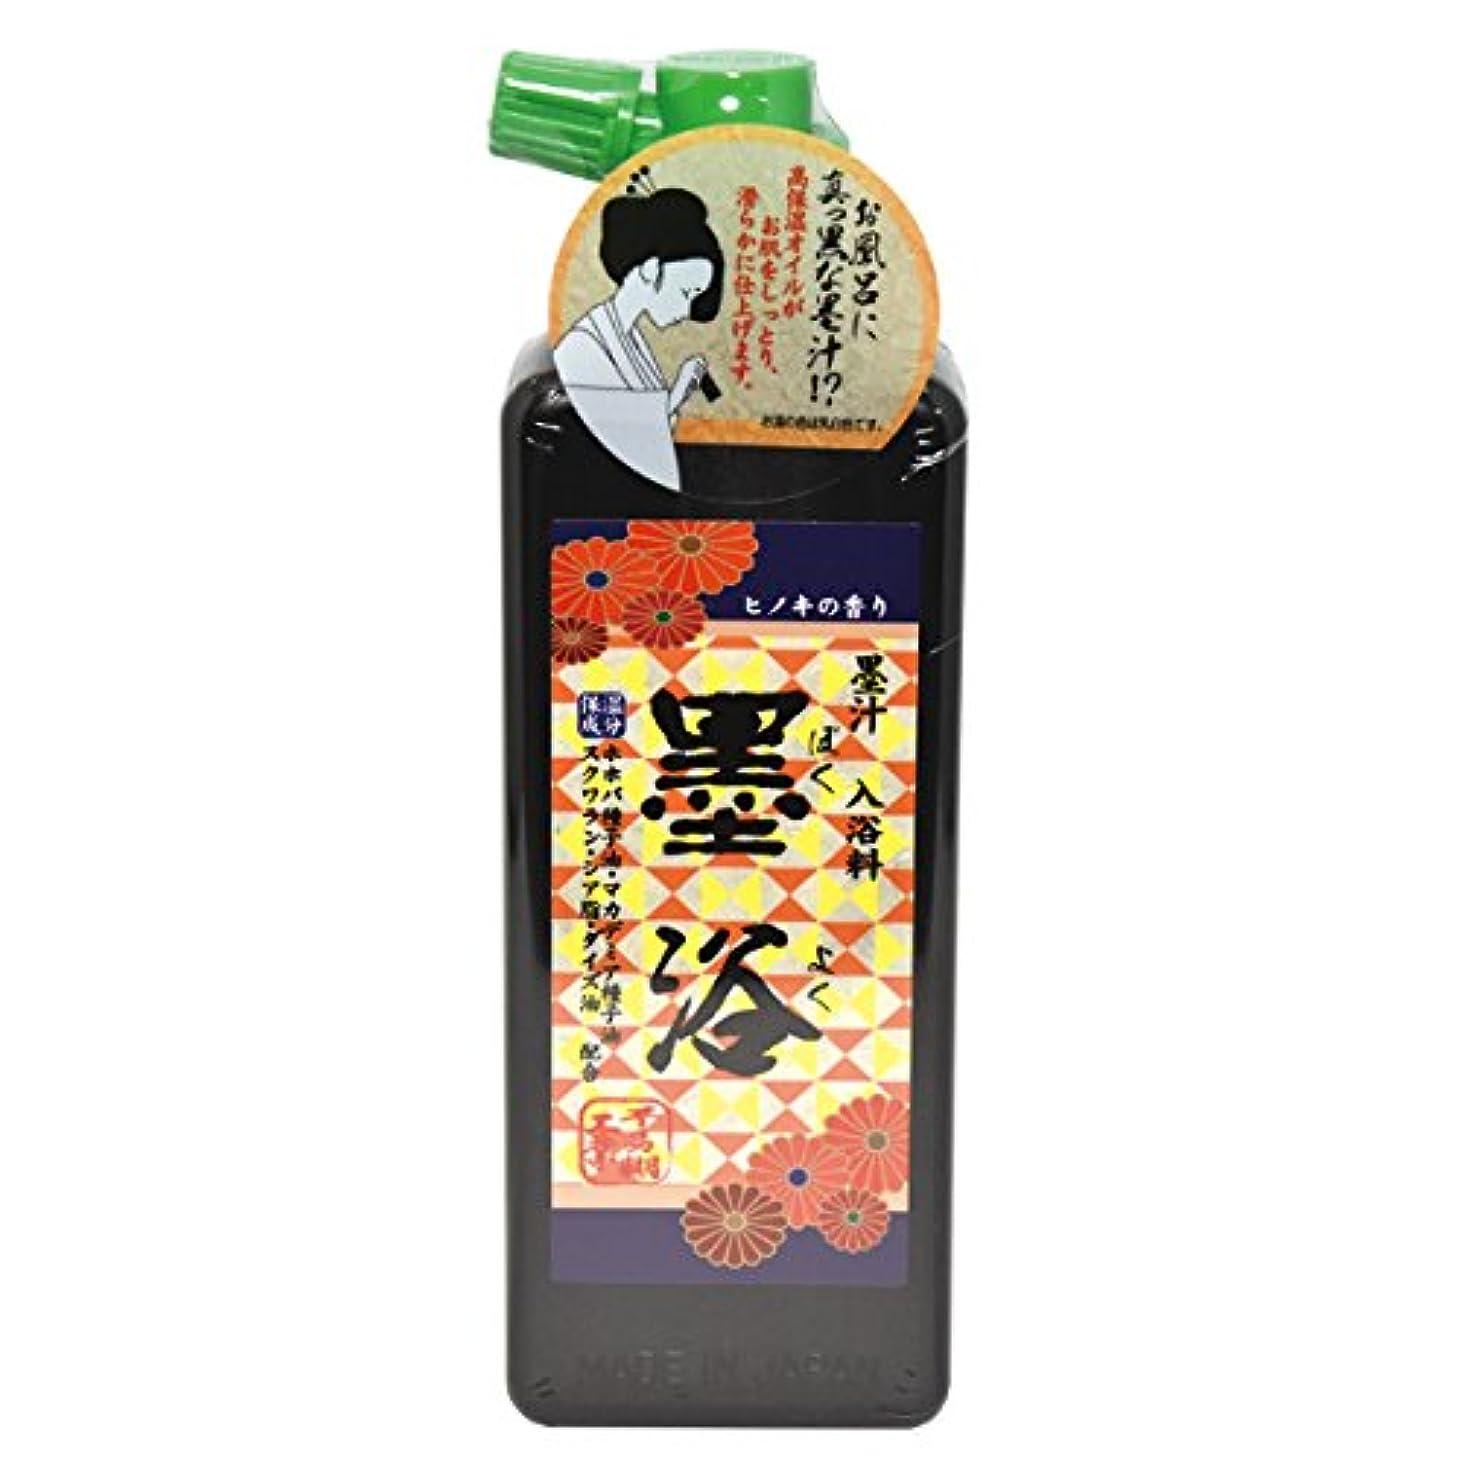 可塑性資源滑り台墨浴 ぼくよく 入浴料 ヒノキの香り 不易糊工業 BY20